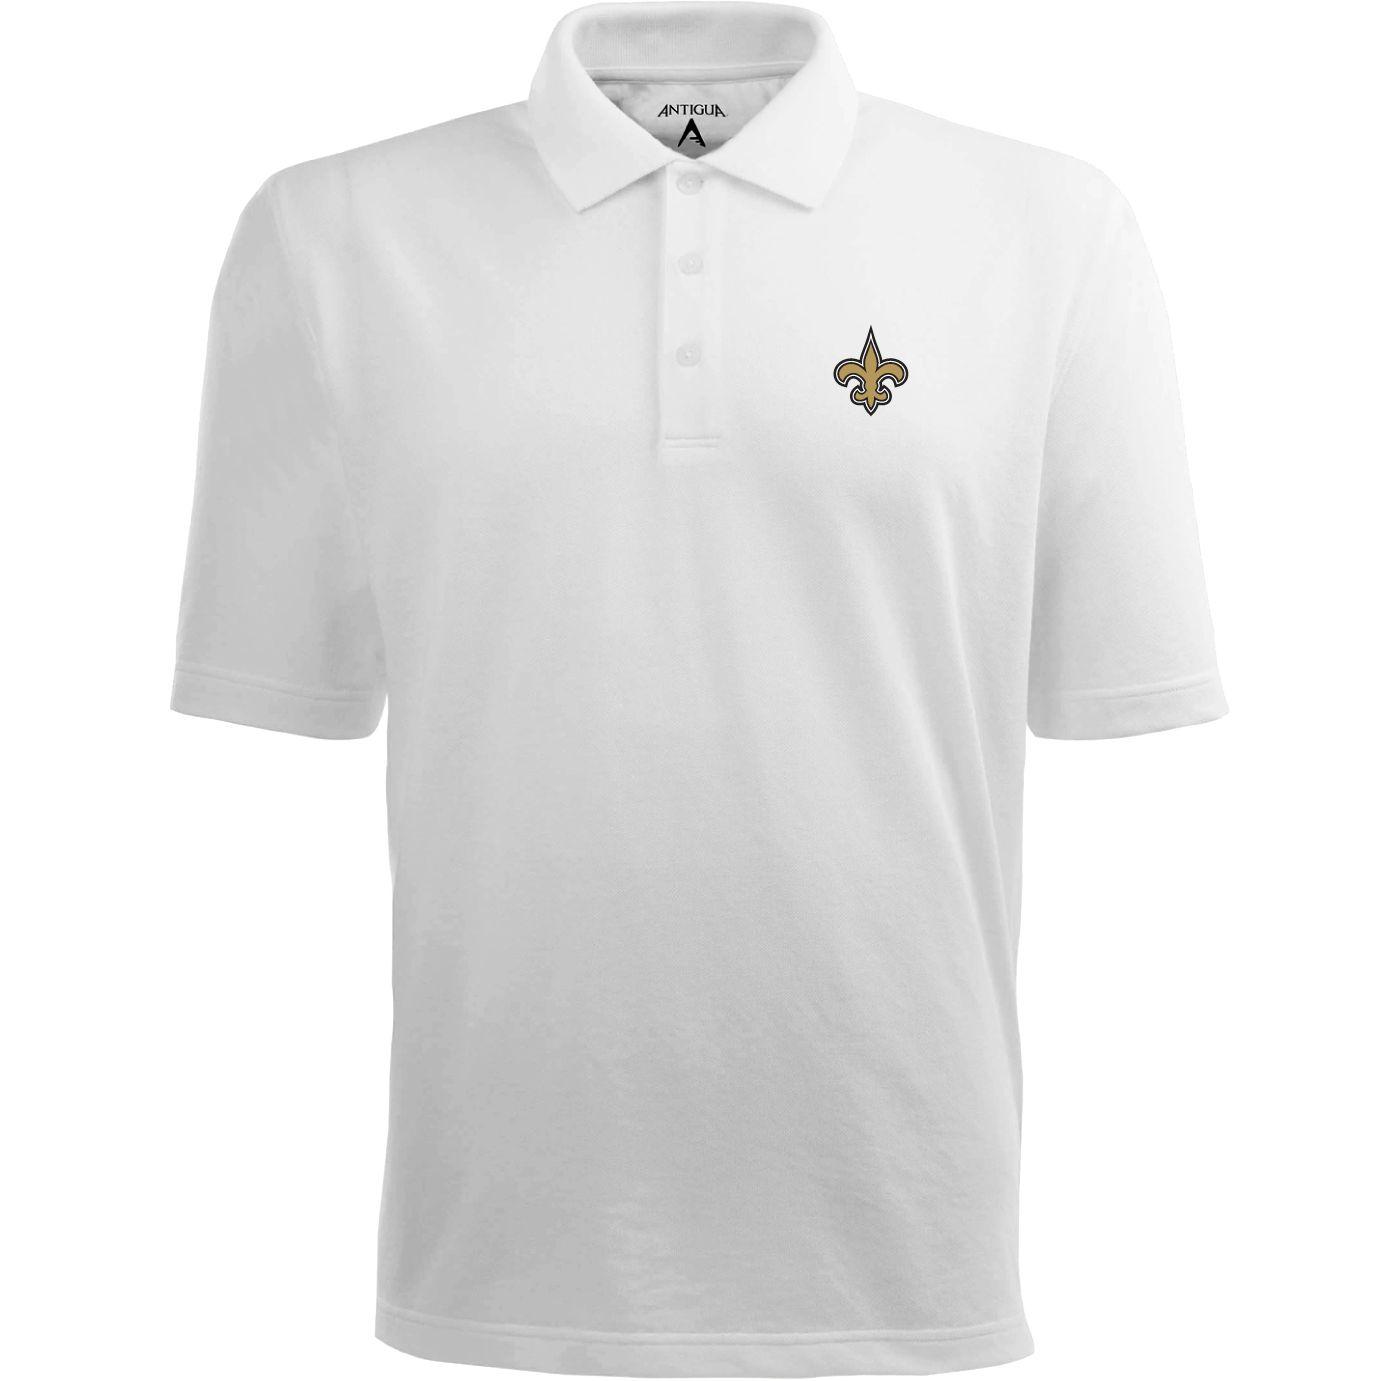 Antigua Men's New Orleans Saints Pique Xtra-Lite White Polo